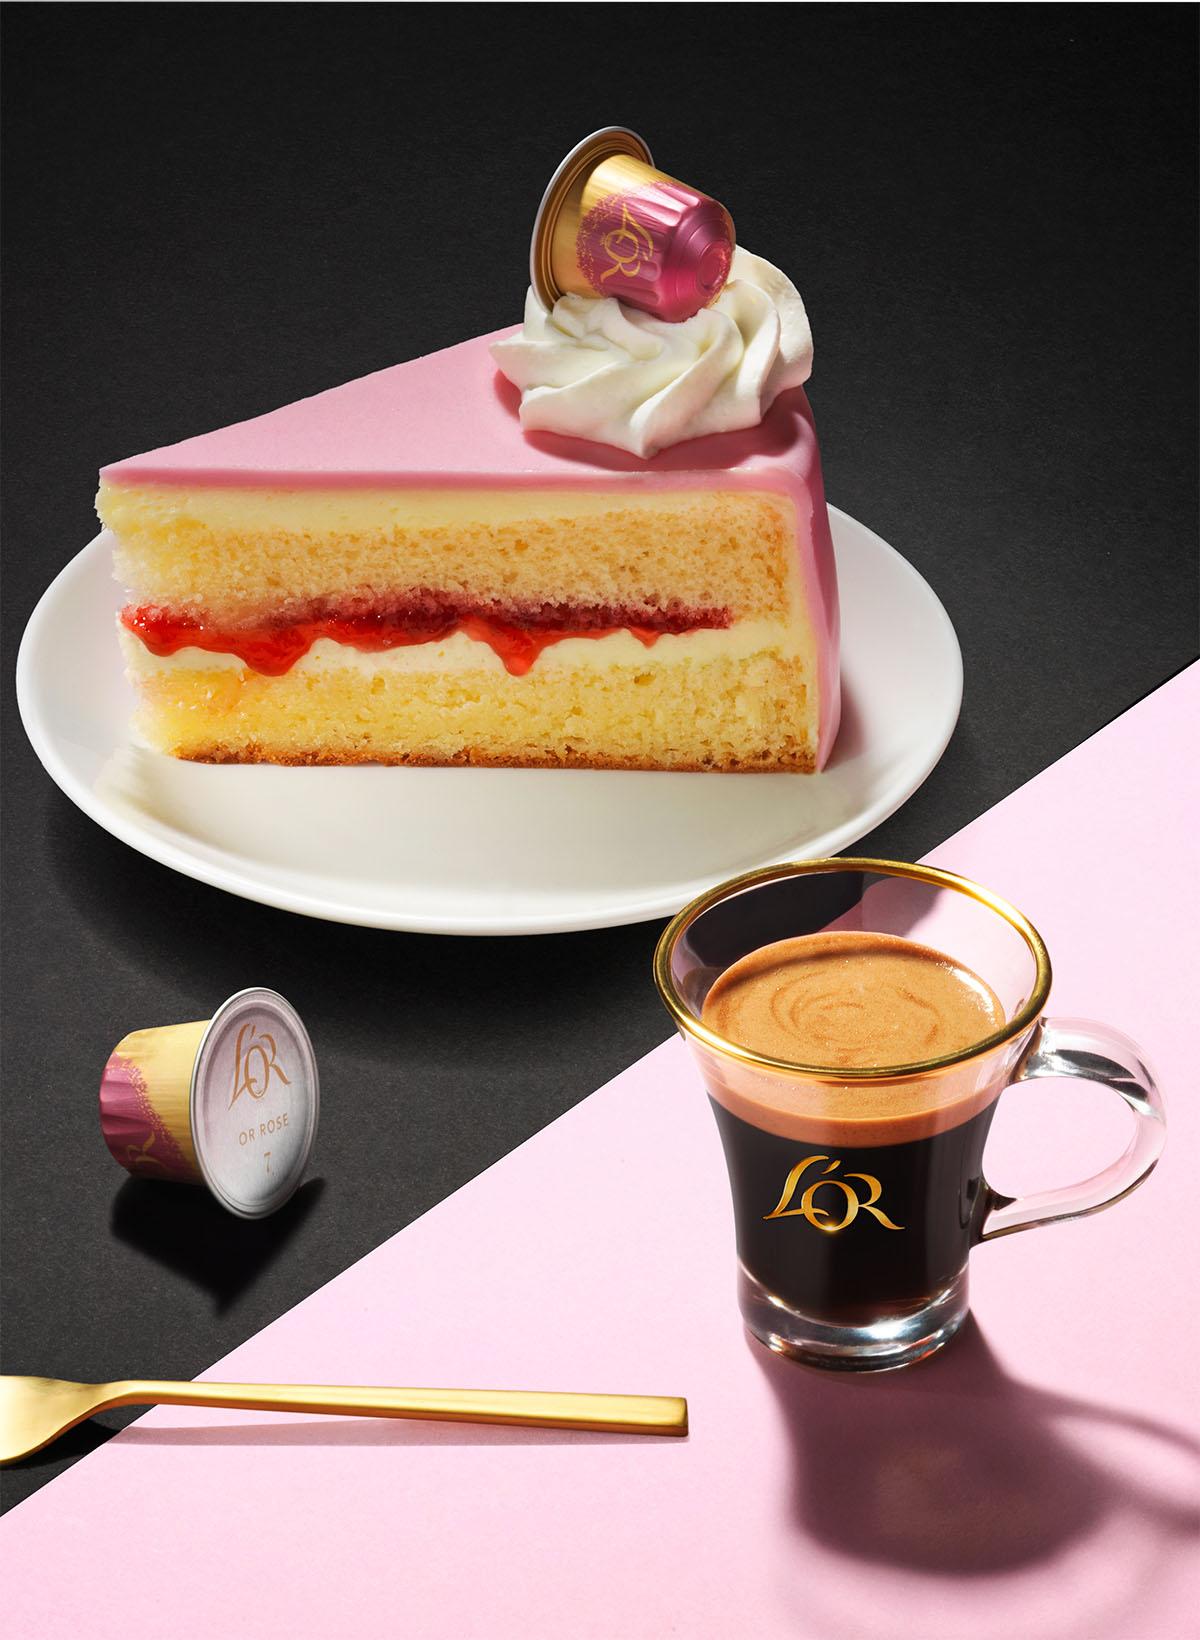 Drank fotografie van een stuk framboos taart met een kopje koffie van L'or gemaakt door Studio_m Fotografie Amsterdam